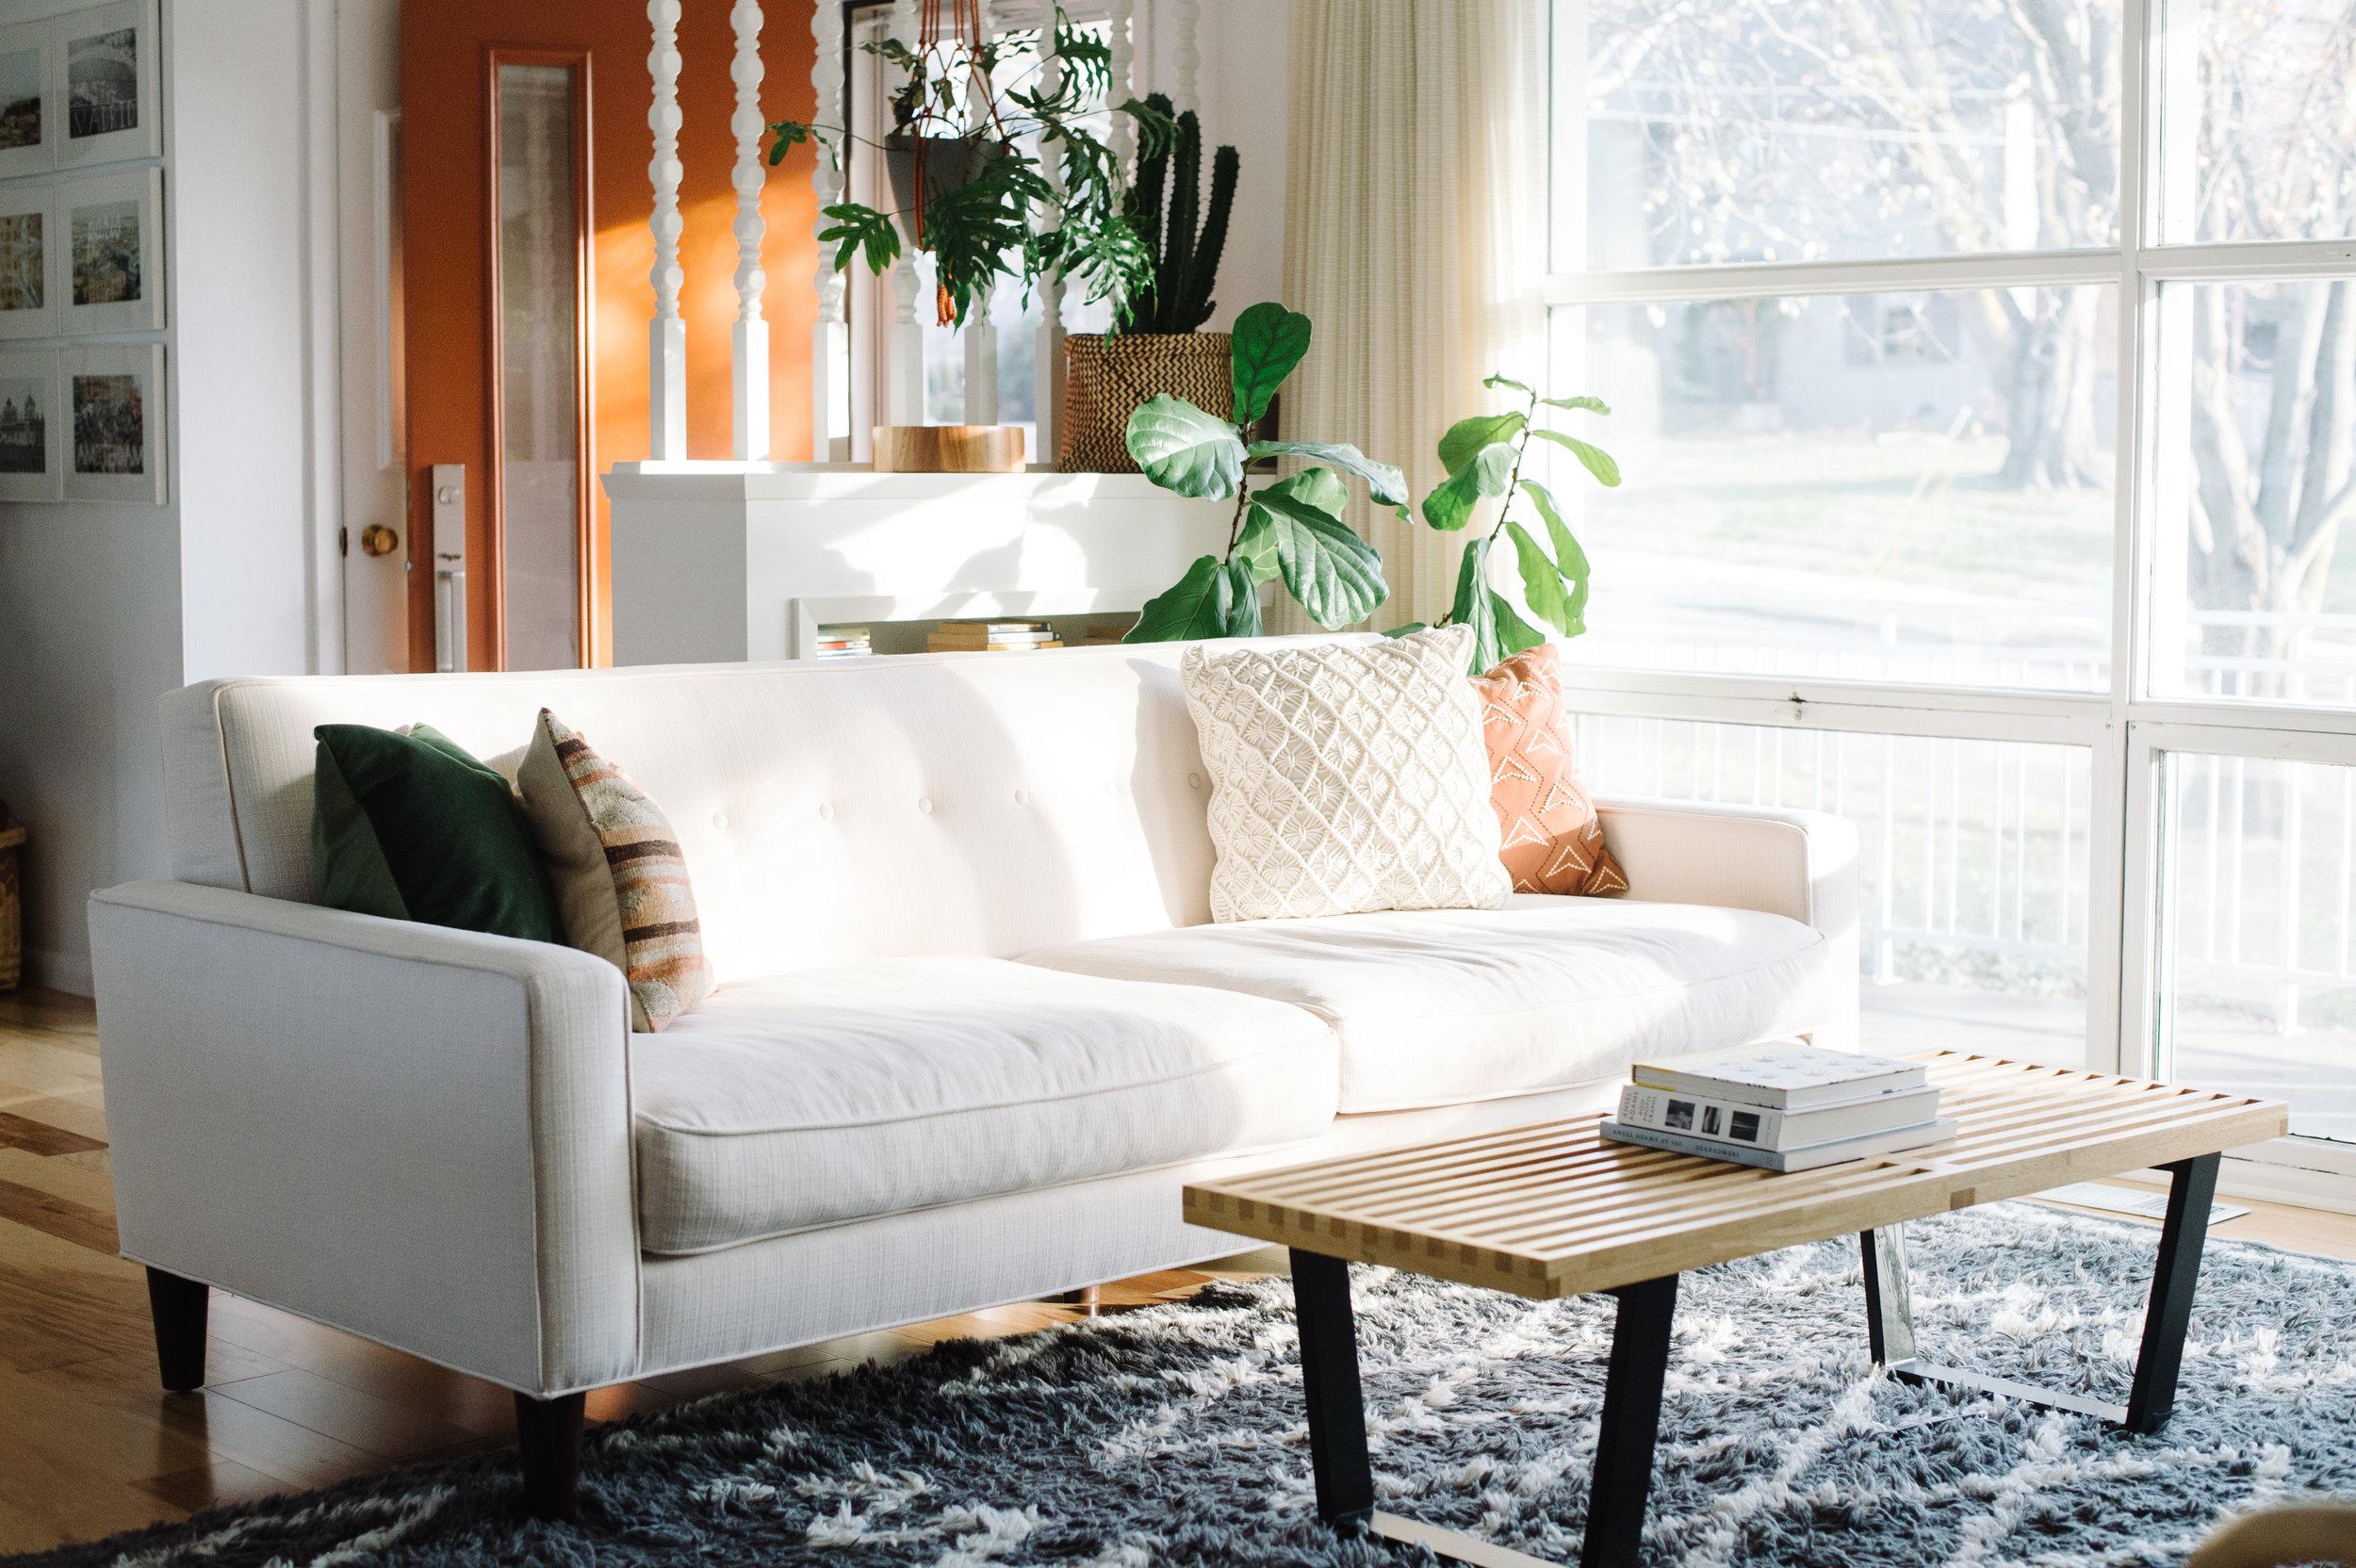 livingroom2017-3.jpg